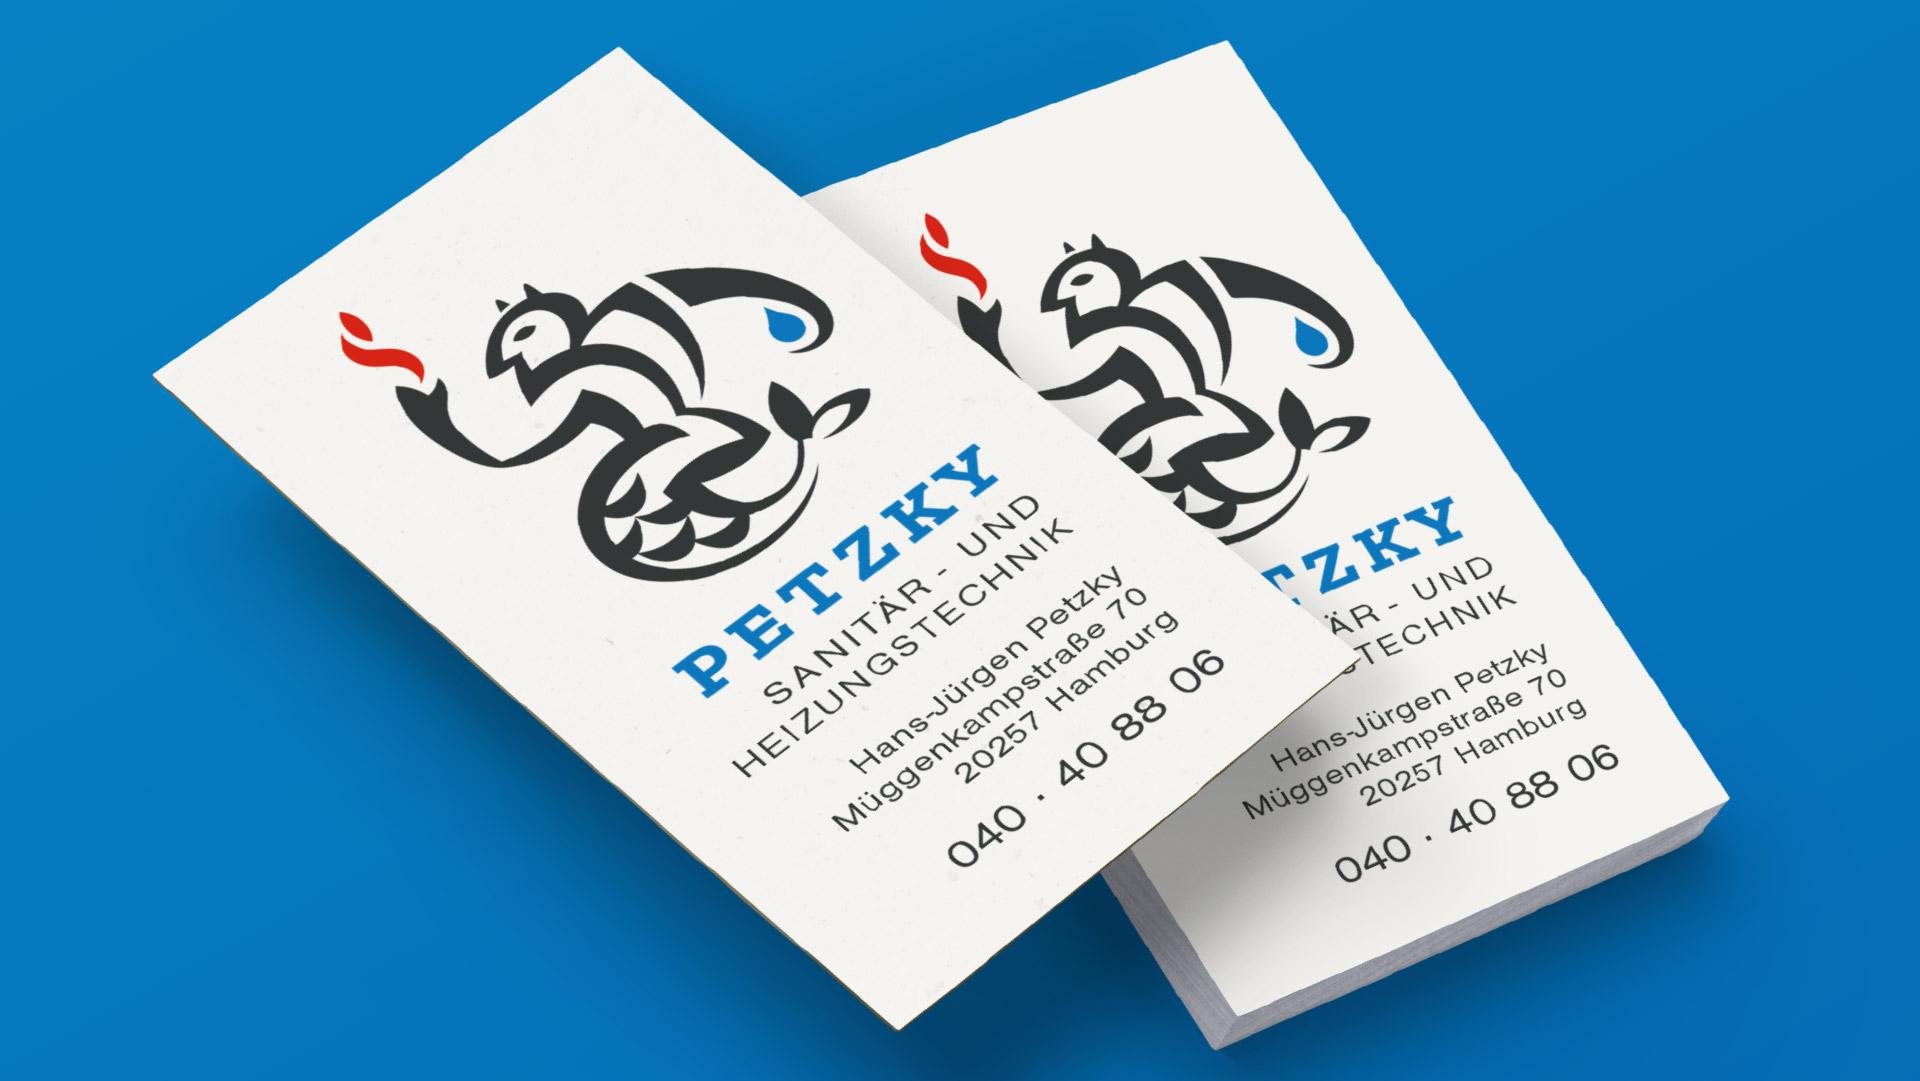 Visitenkarten Petzky Sanitär- und Heizungstechnik auf blauem Hintergrund